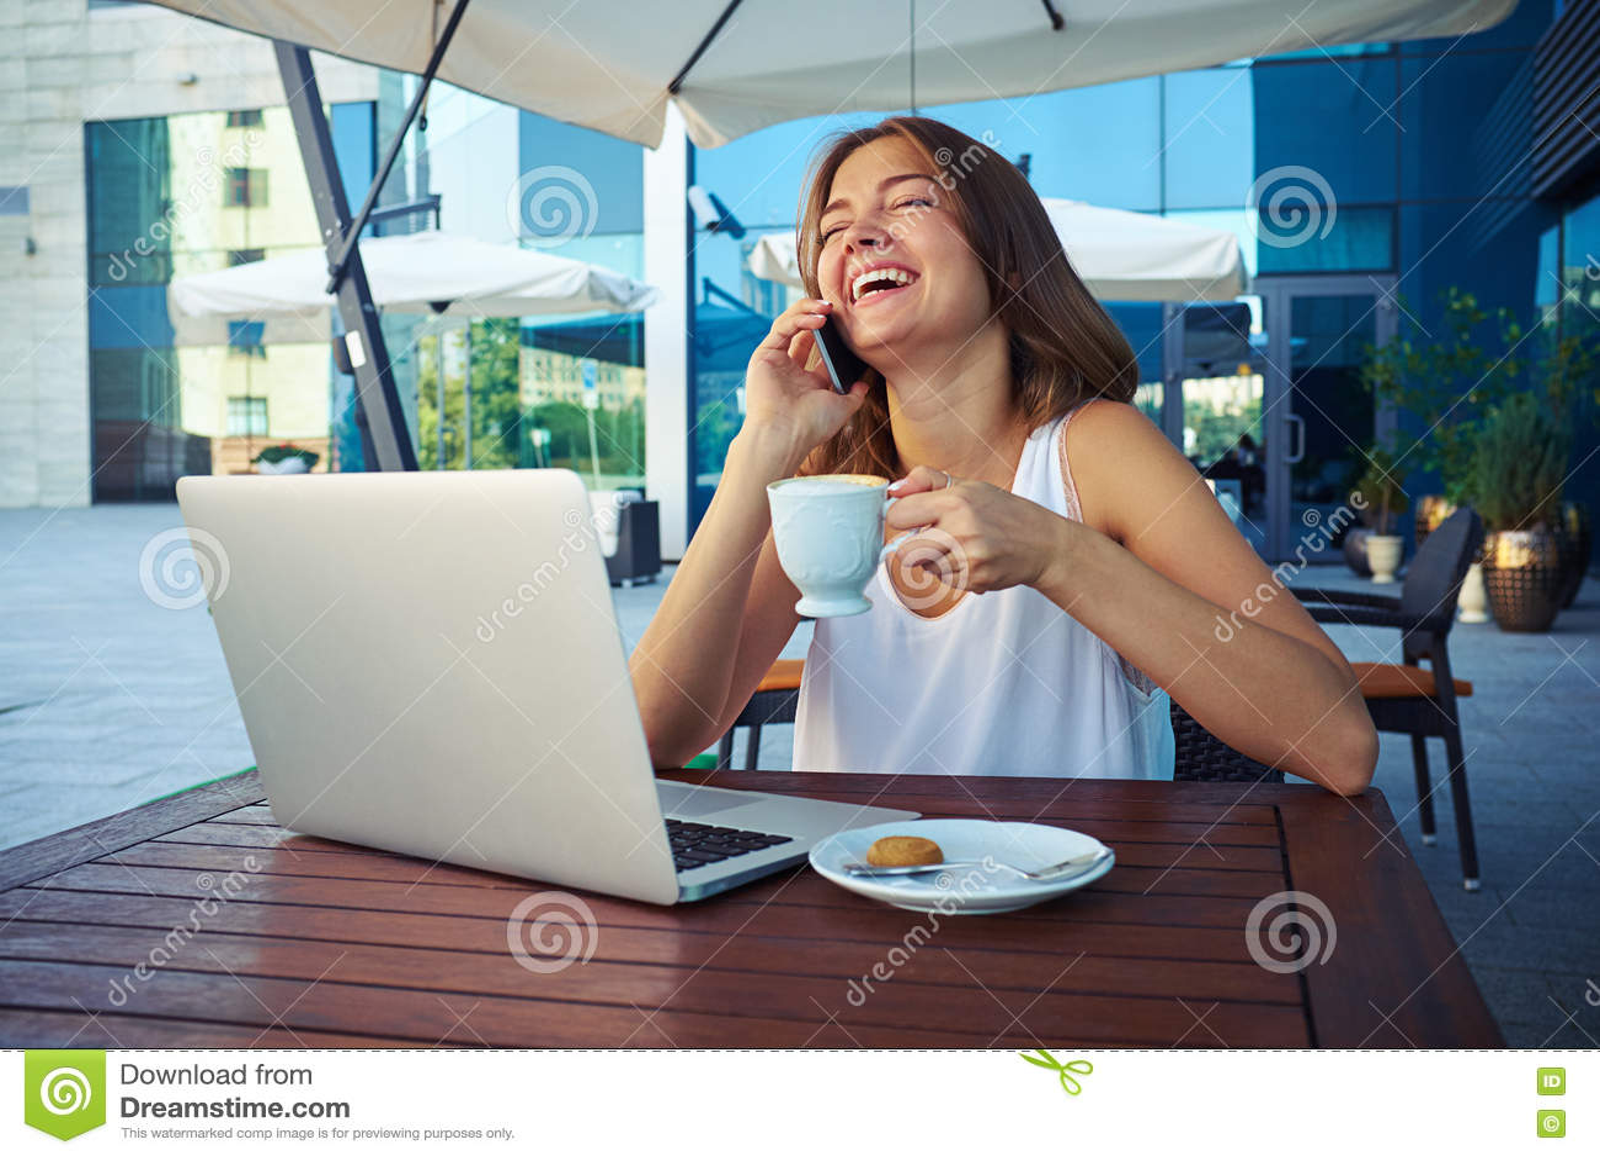 Attraktive Frau mit Tasse Kaffee lachend bei der Unterhaltung auf t